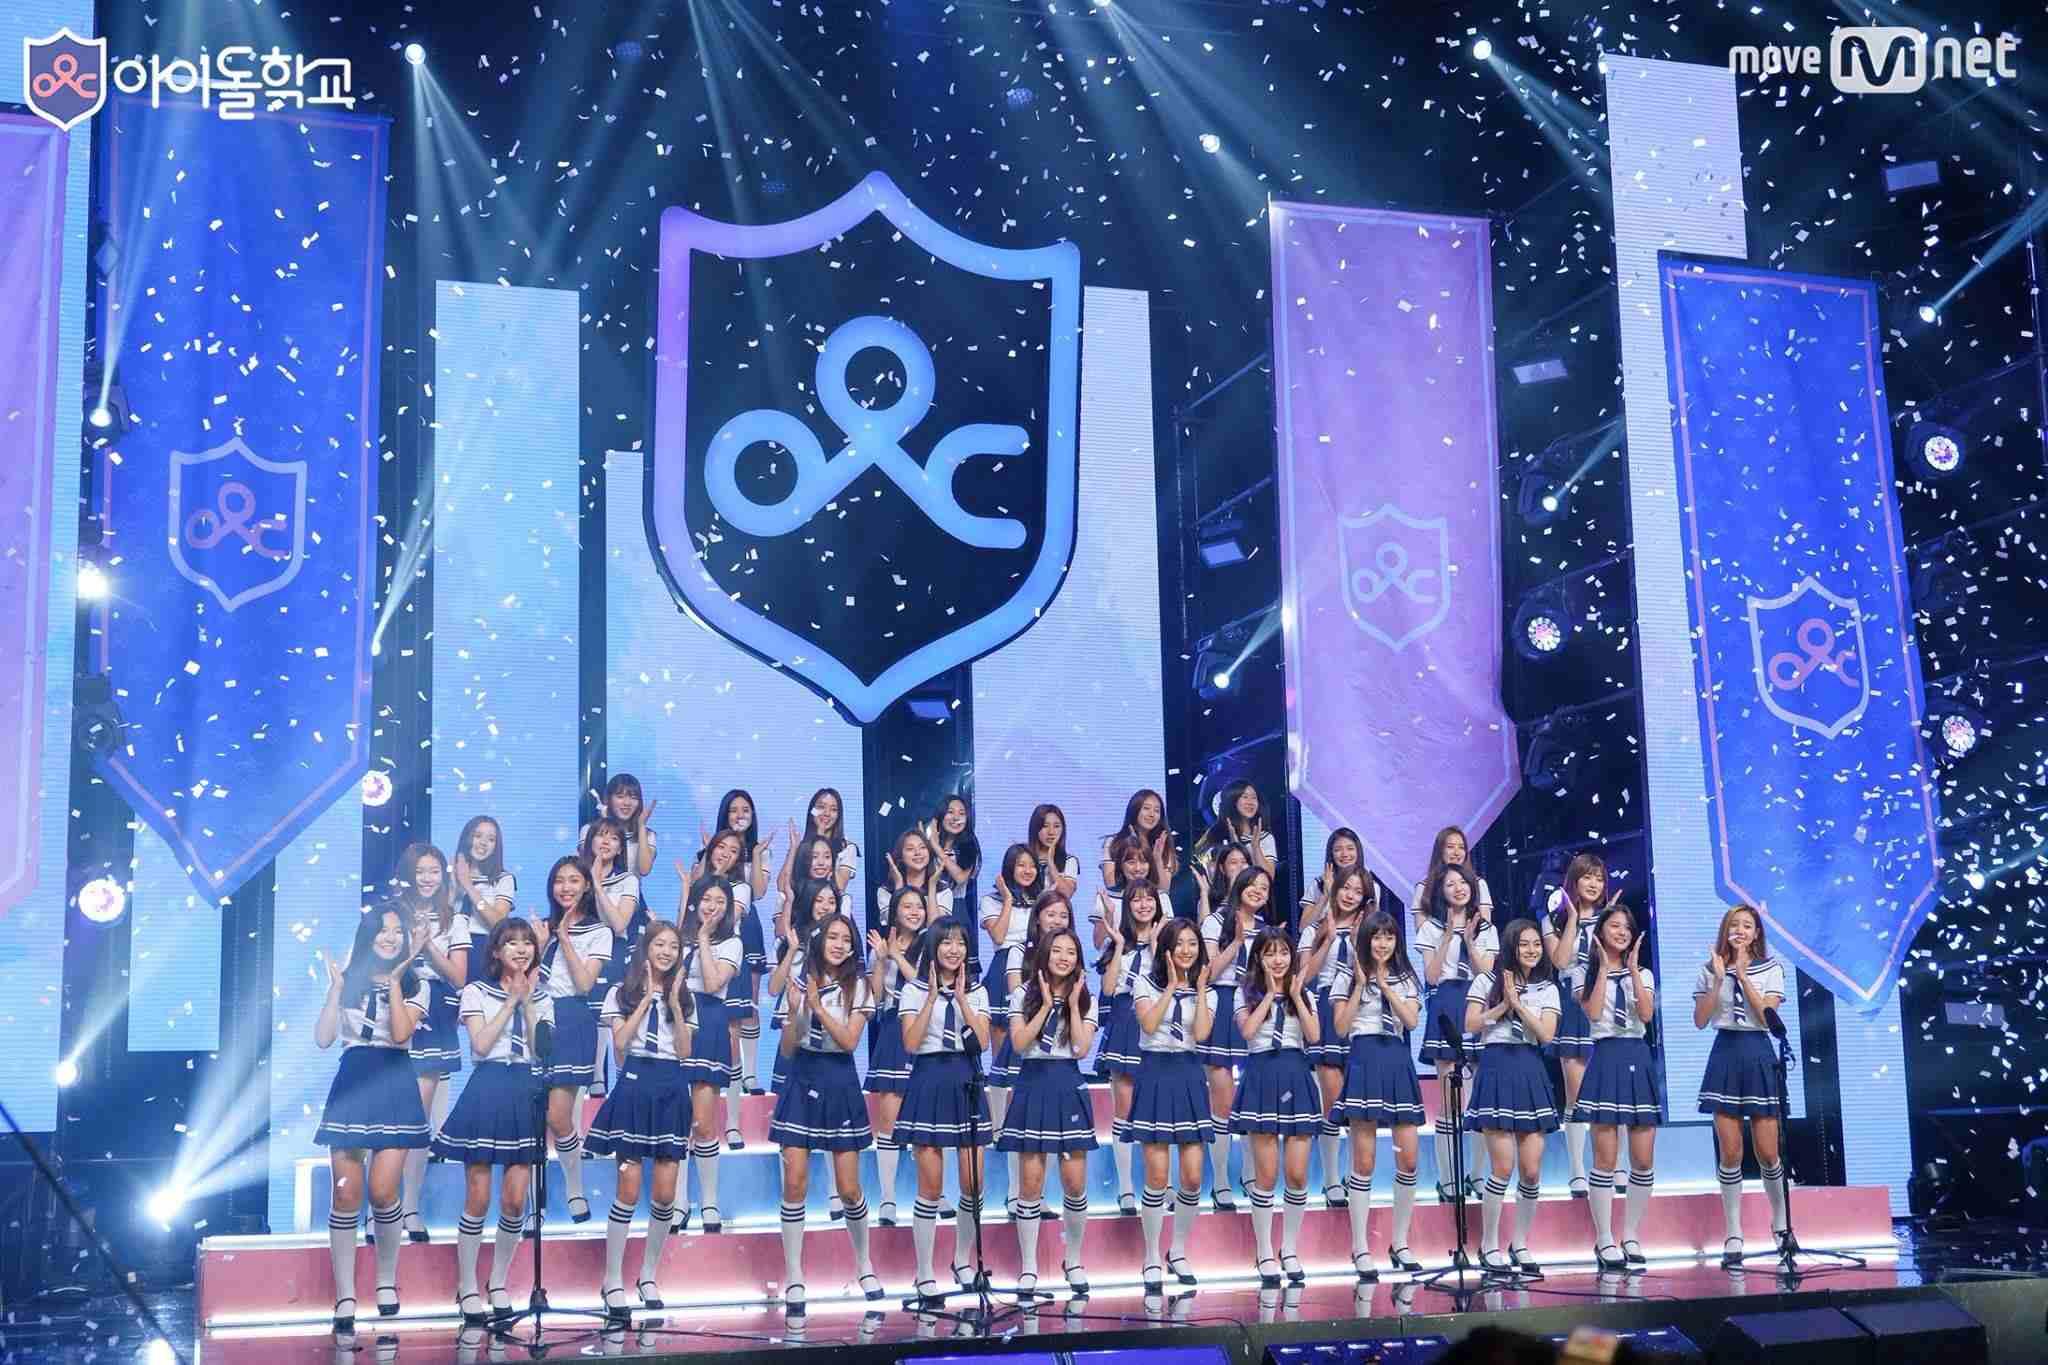 不少韓國網友對《偶像學校》關注度逐漸下滑,話題度下降 收視也一集比一集低 普遍認為是因為以下原因 「節目很有